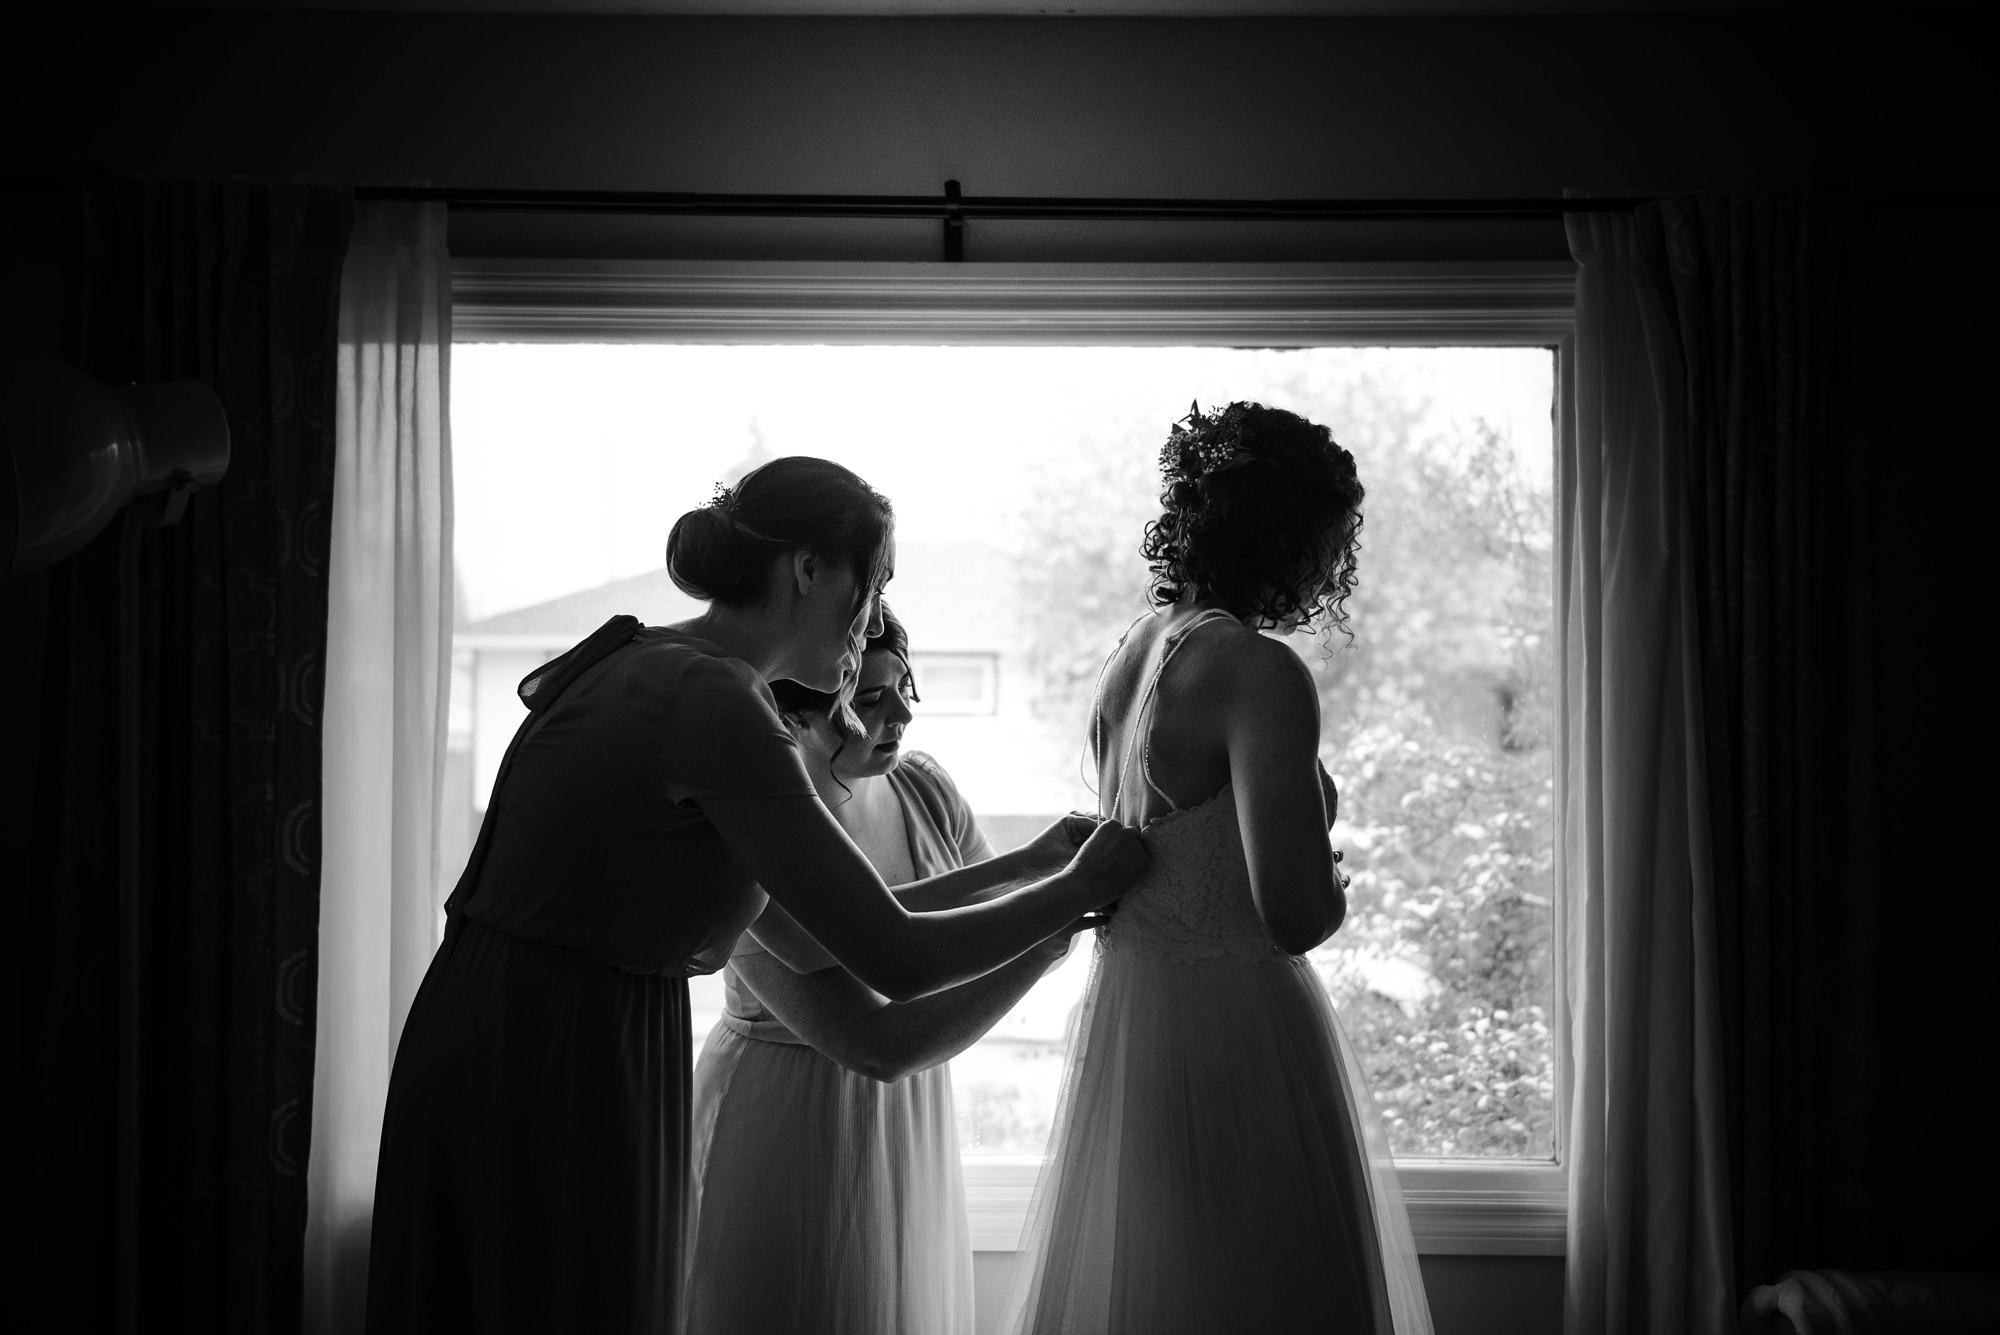 Calgary Wedding, Photographer, Calgary Golf Club Wedding, Calgary Wedding Photographer, Romantic Wedding Inspiration, Romantic Indoor Wedding, Calgary Indoor Wedding